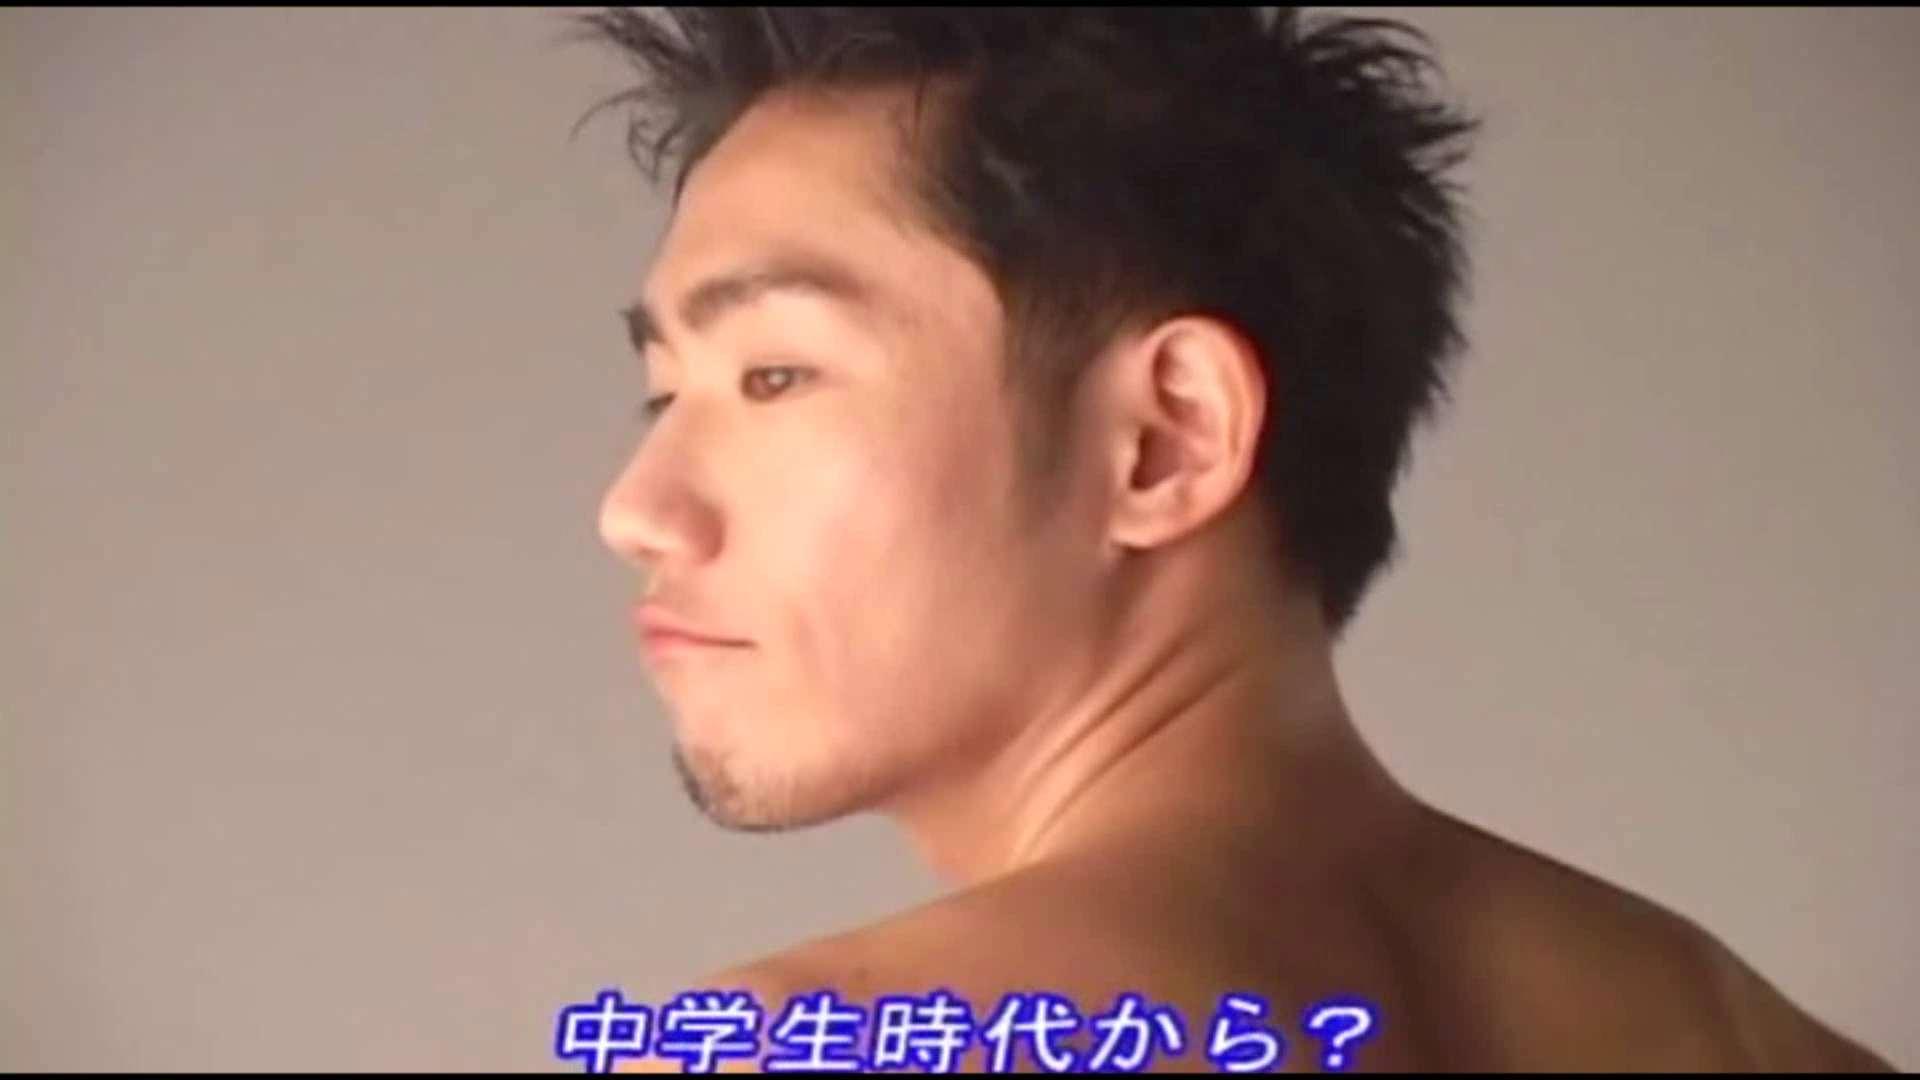 ショウ&ナオキのエロMAXファンタジーVOL.07(ナオキ&ショウ) 水着男子   スジ筋系男子  90枚 77